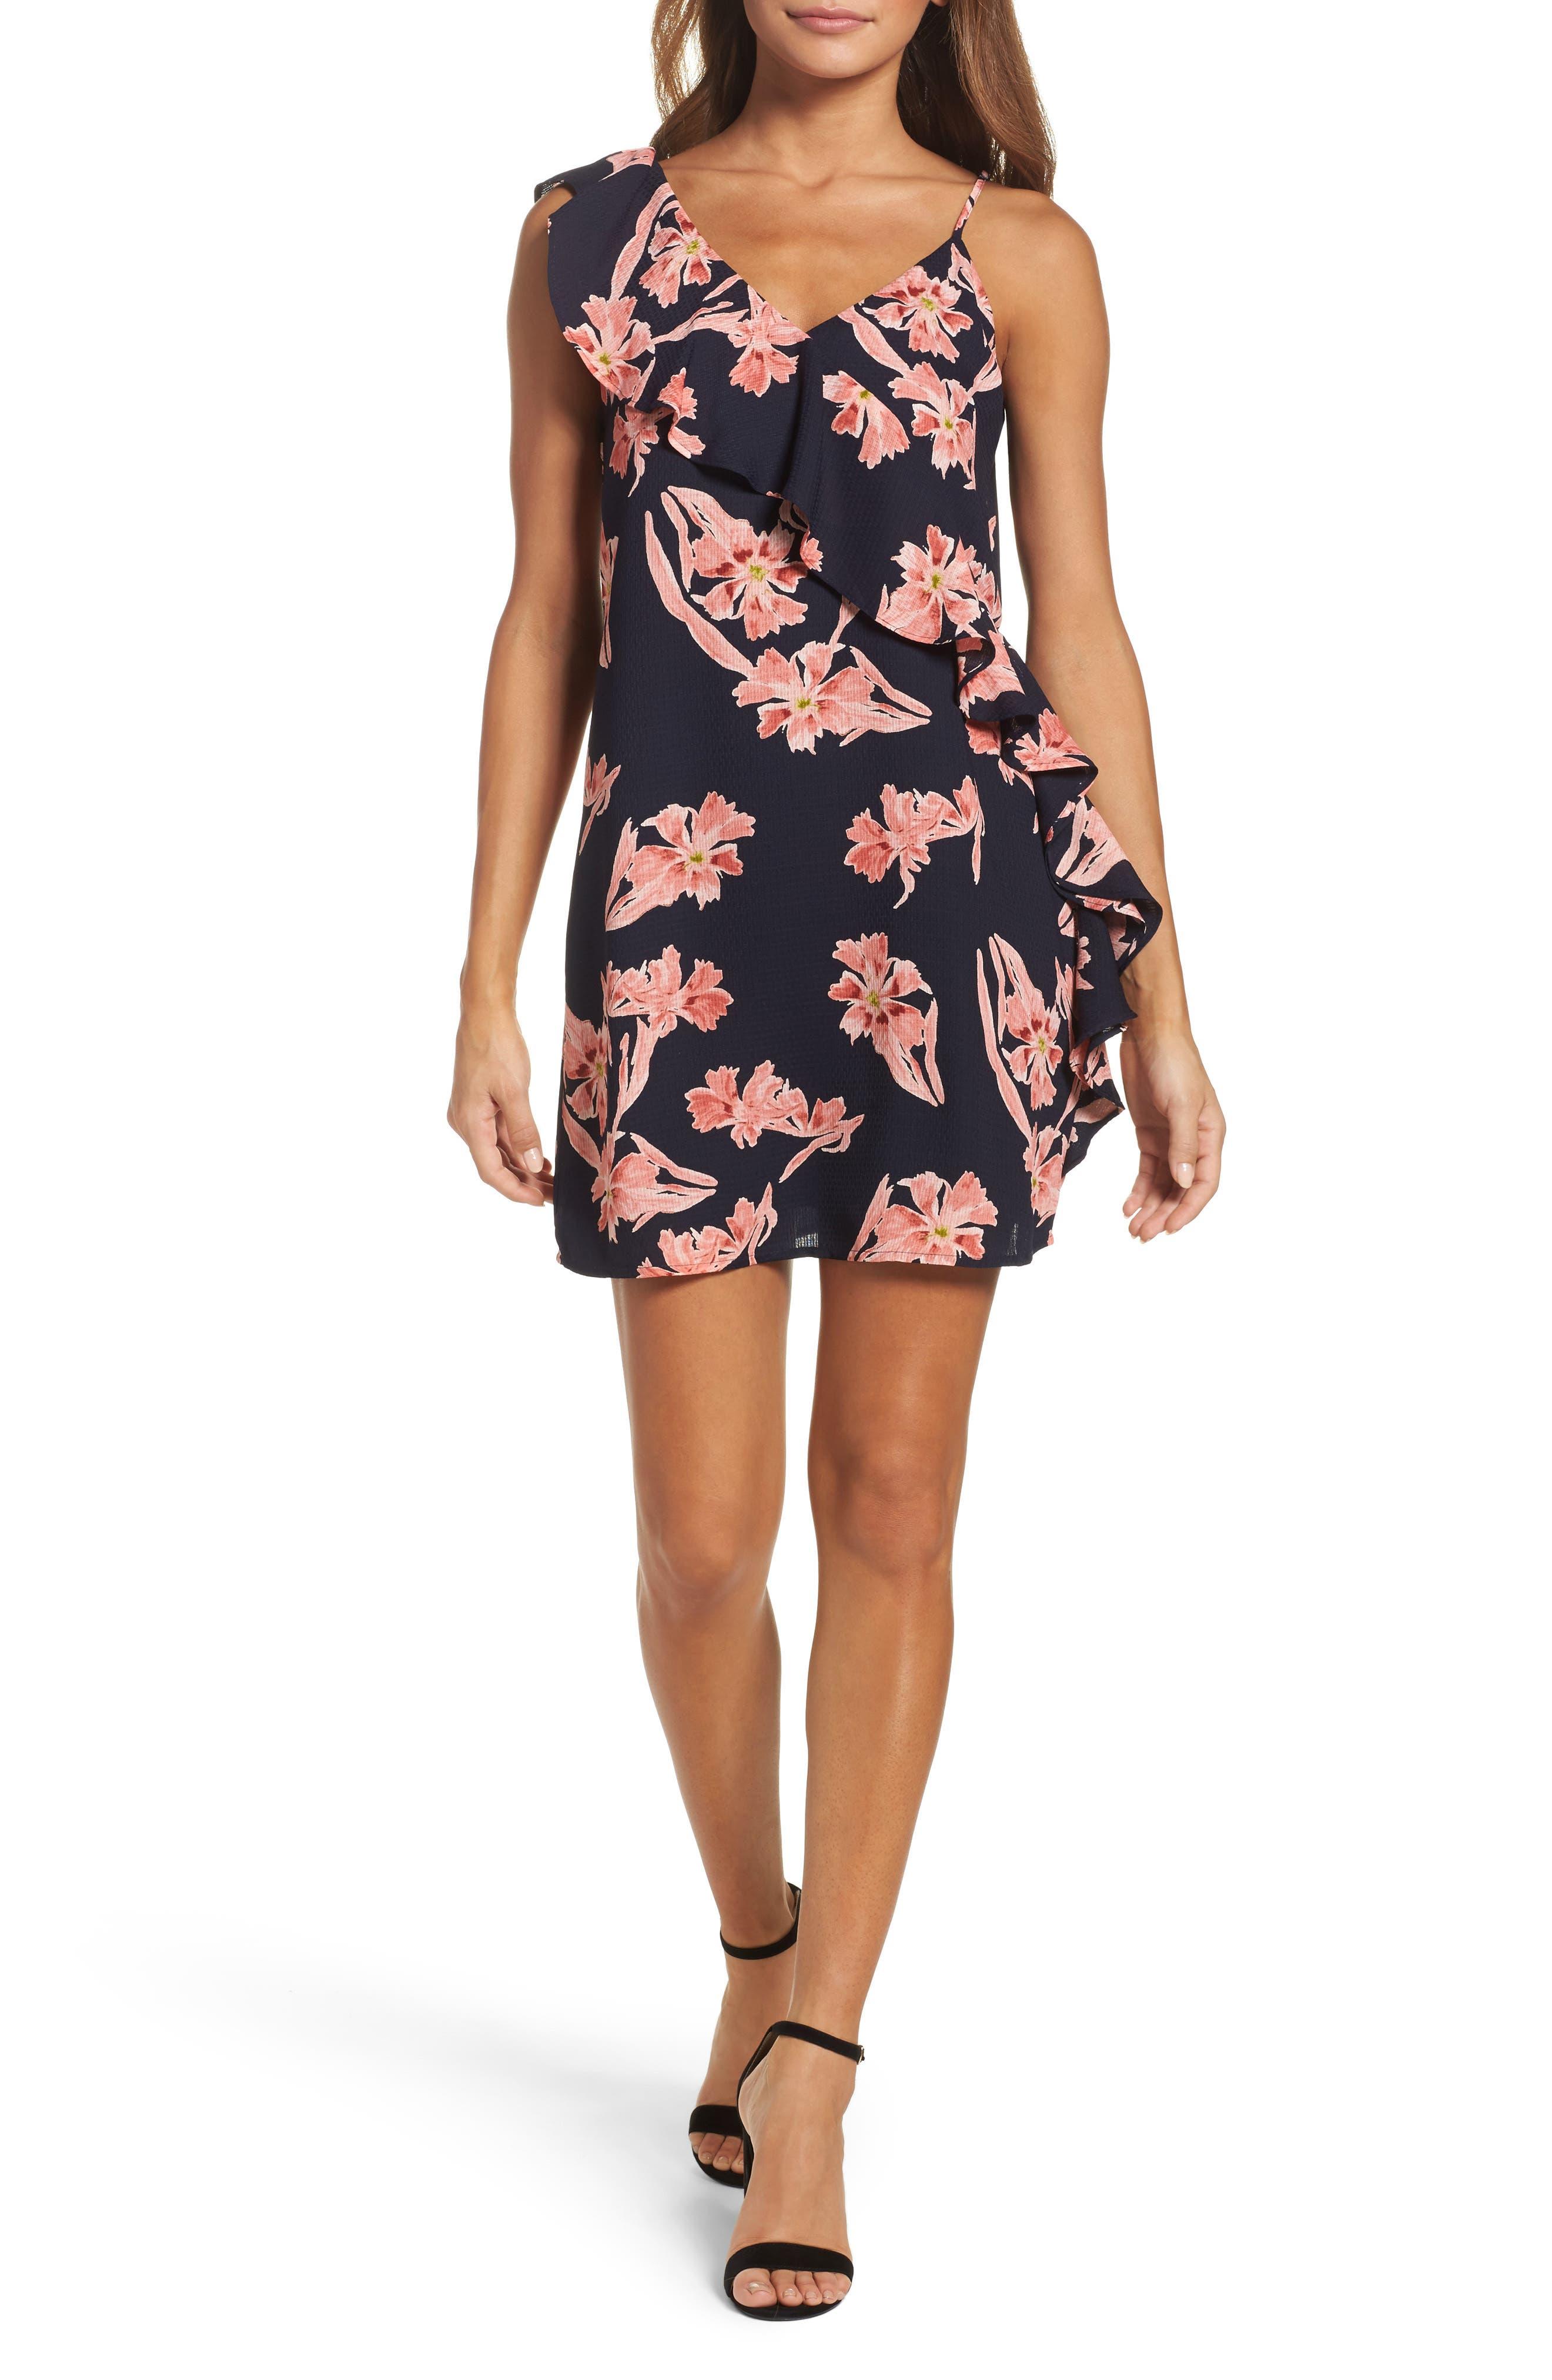 19 Cooper Floral Print One-Shoulder Dress